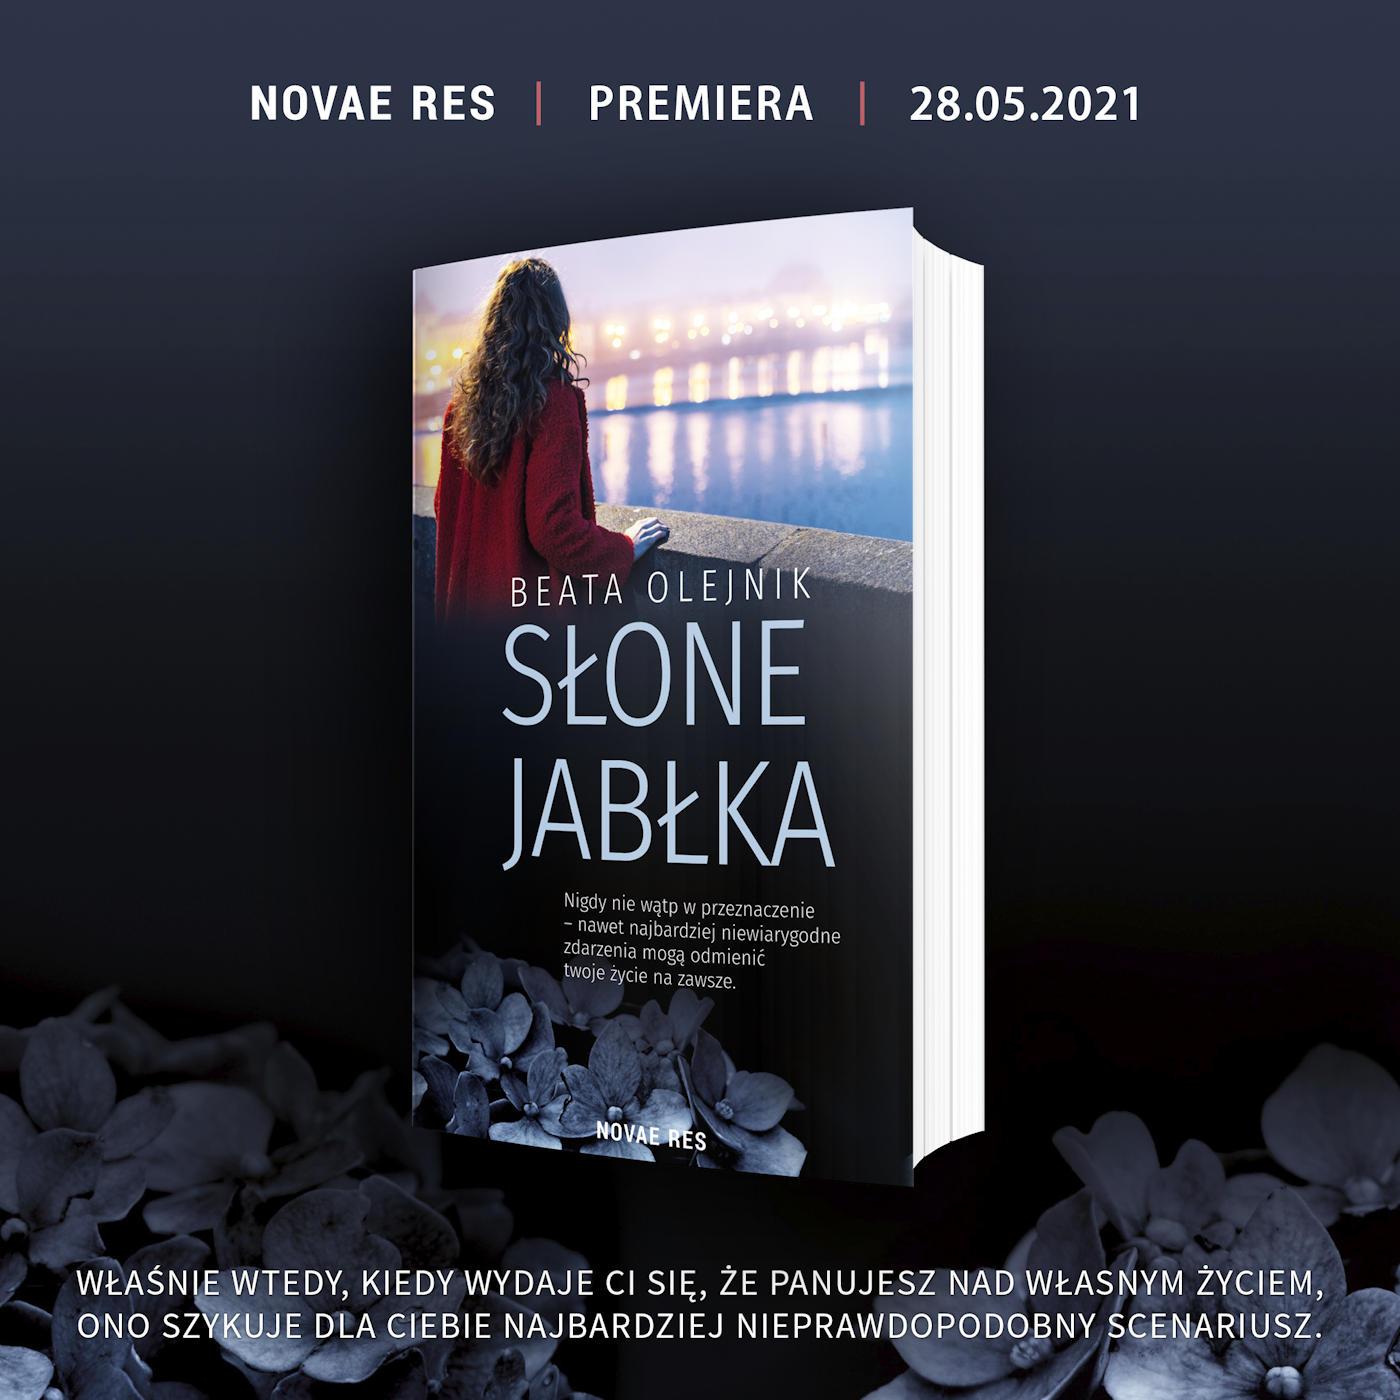 Słone Jabłka - Patronat MoznaPrzeczytac.pl